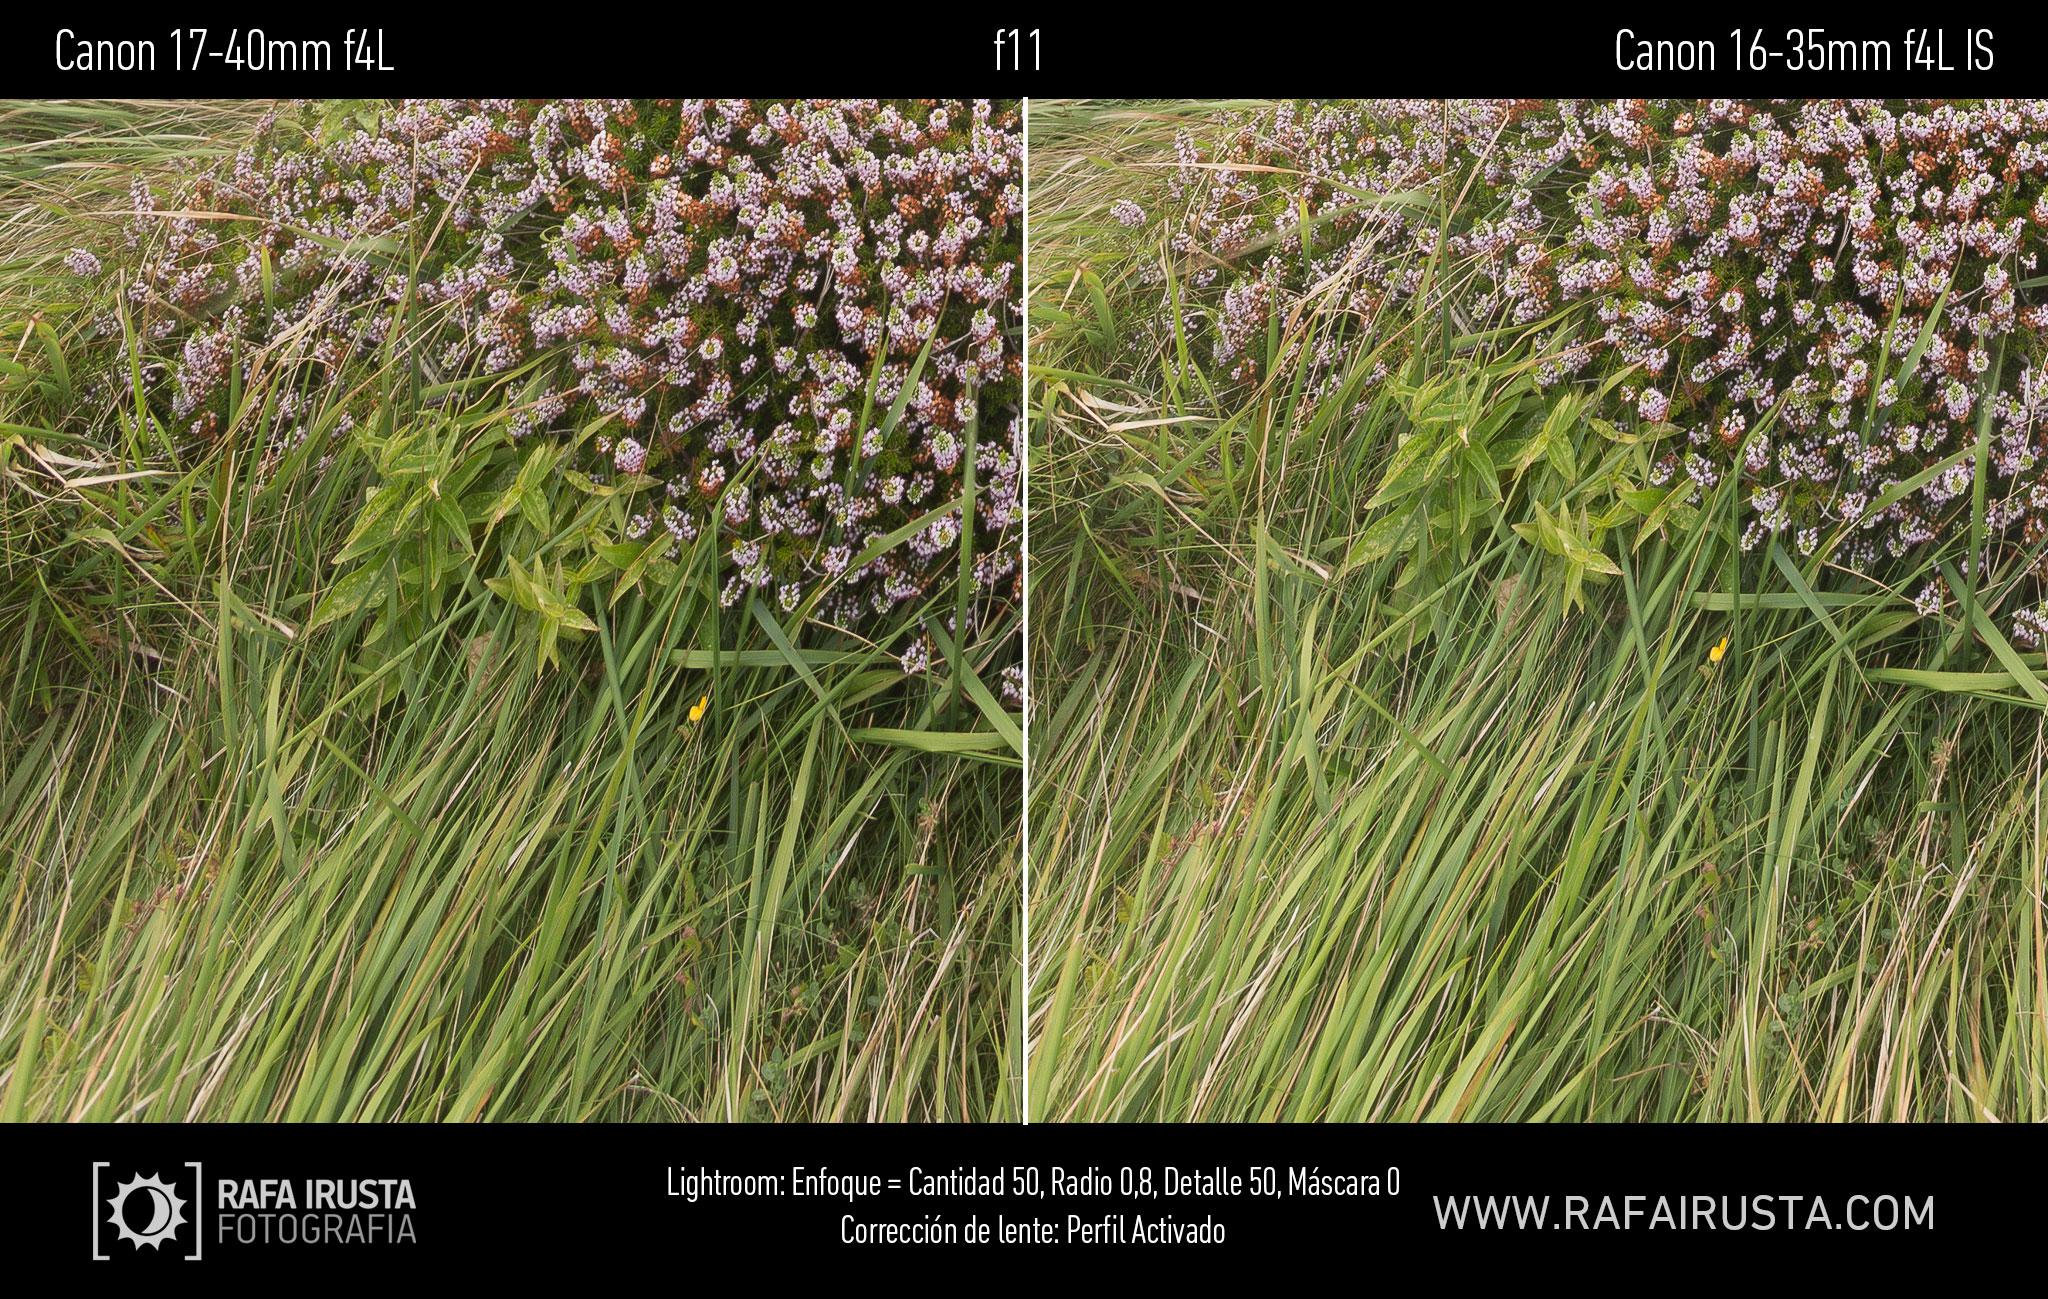 Prueba Canon 16-35mm f/4L IS, comparativa 17-40 vs 16-35 con enfoque y con ajuste de perfil, f11